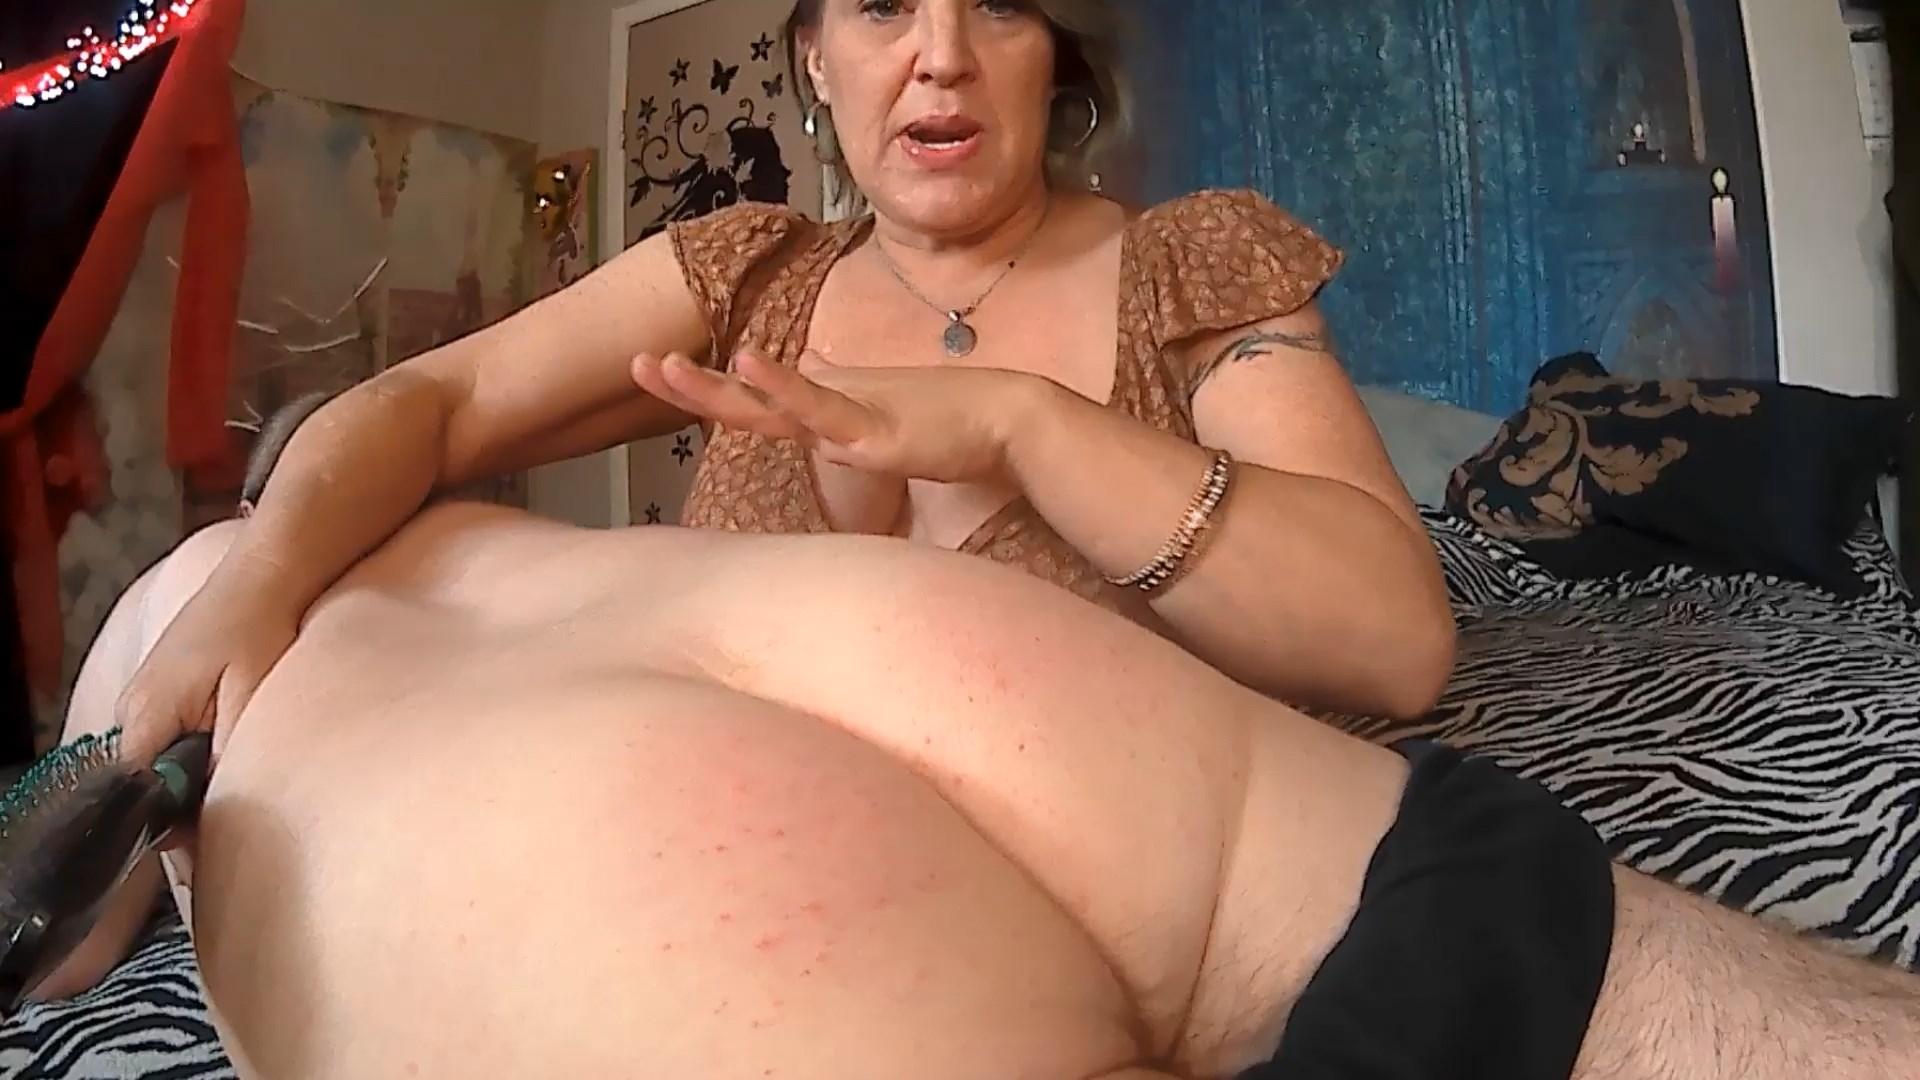 MOMMY SPANKS HER NAUGHTY SON - Naughty Nikki 777